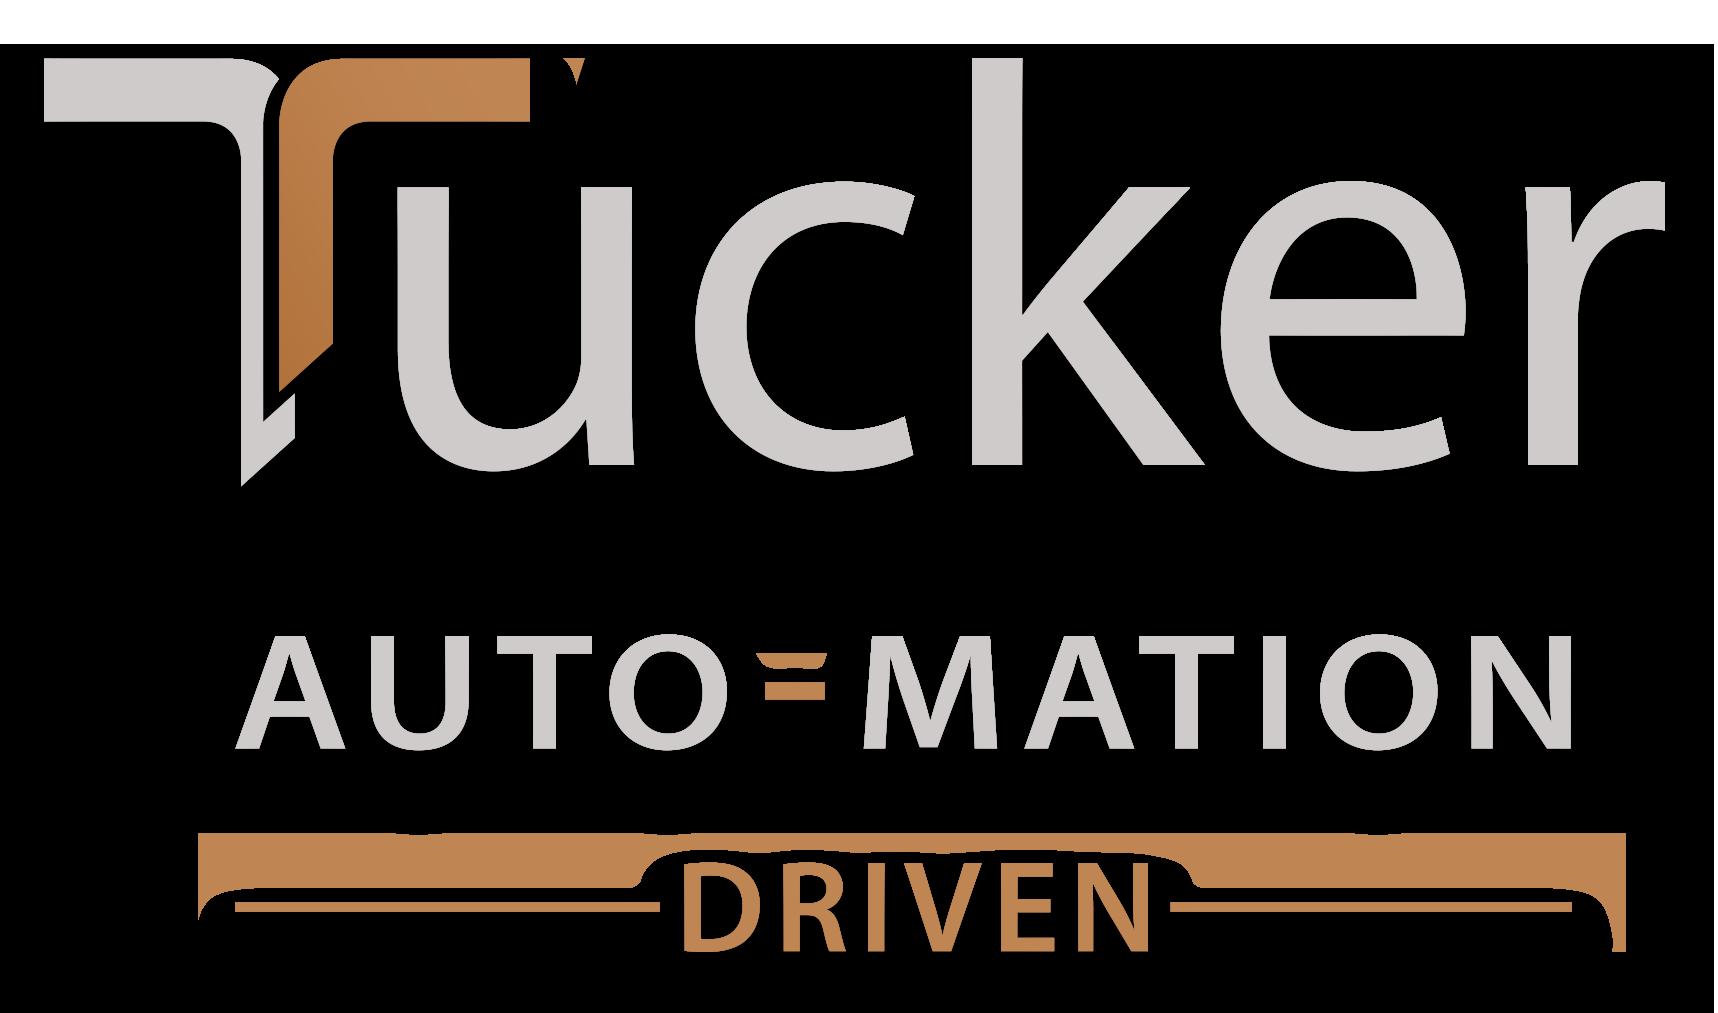 Tucker Automation